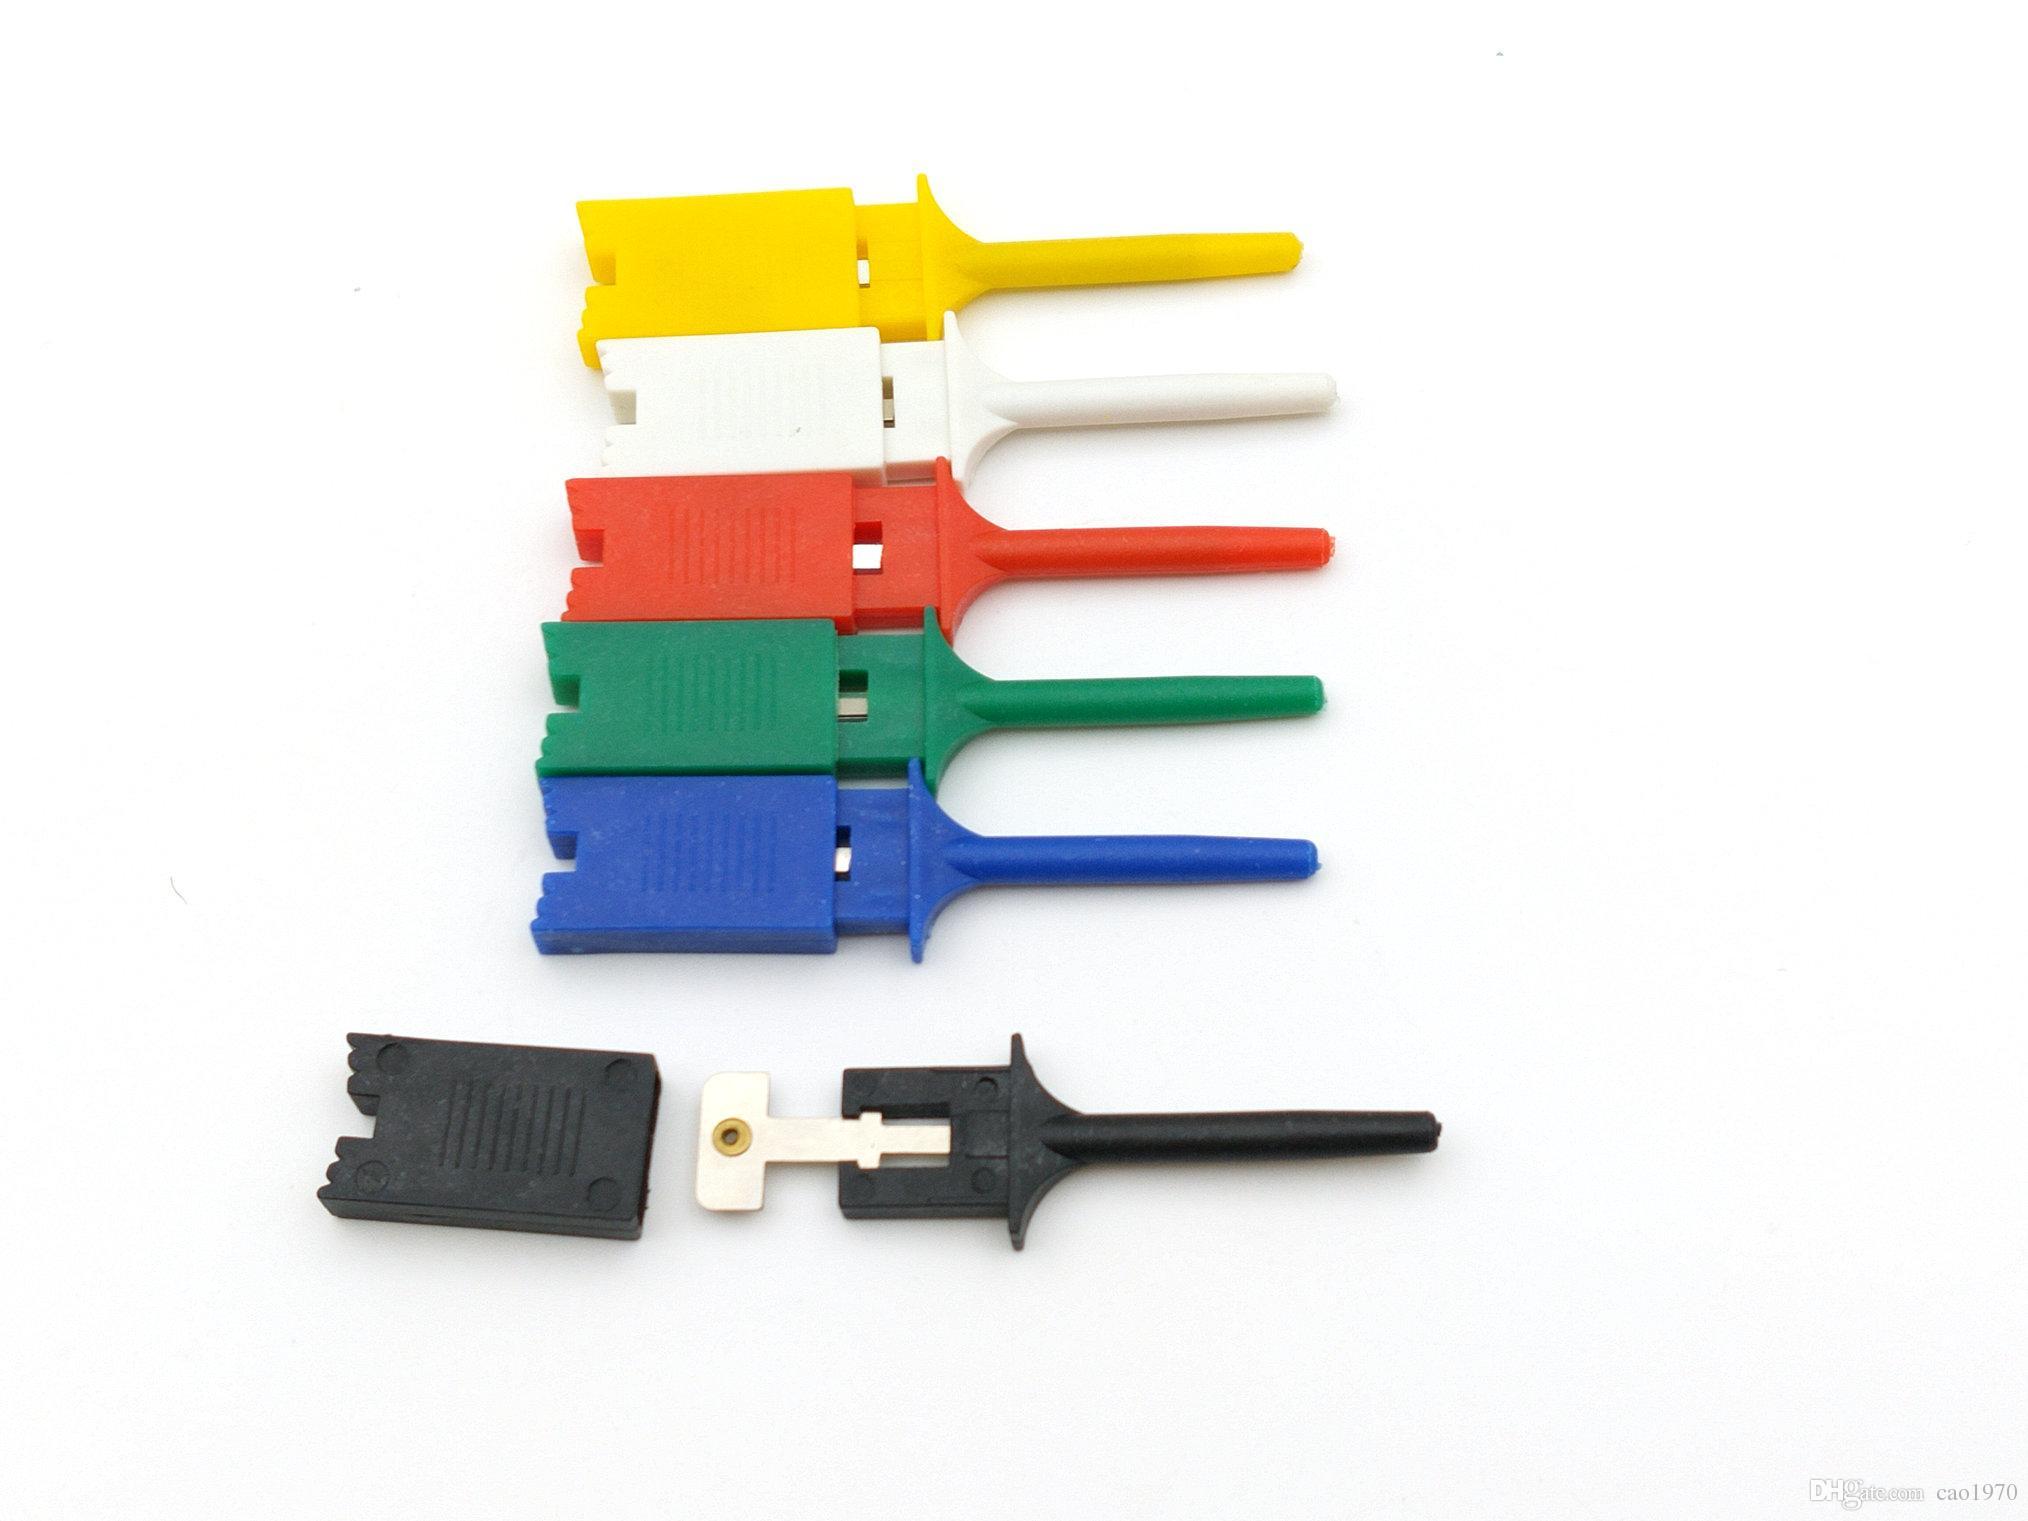 120 قطع pcb smd ic البلاستيك المتر اختبار هوك كليب المنتزع الطائر أداة التحقيق لالمتعدد